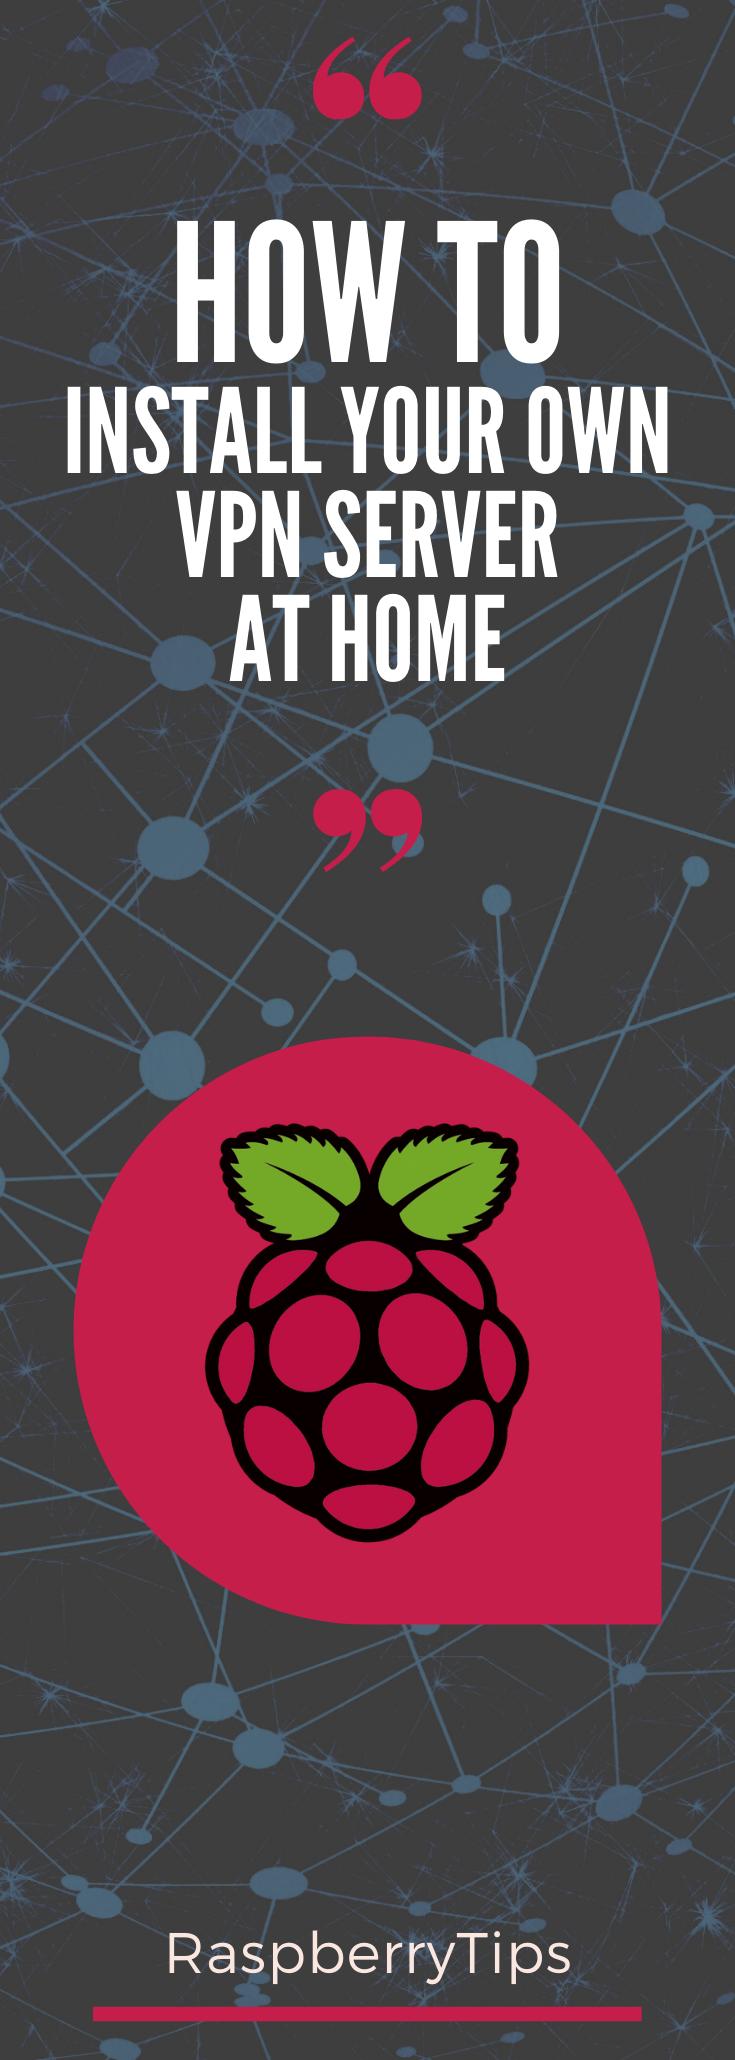 2df0767851121884a92af5e25c1518f2 - Install Vpn Server On Raspberry Pi